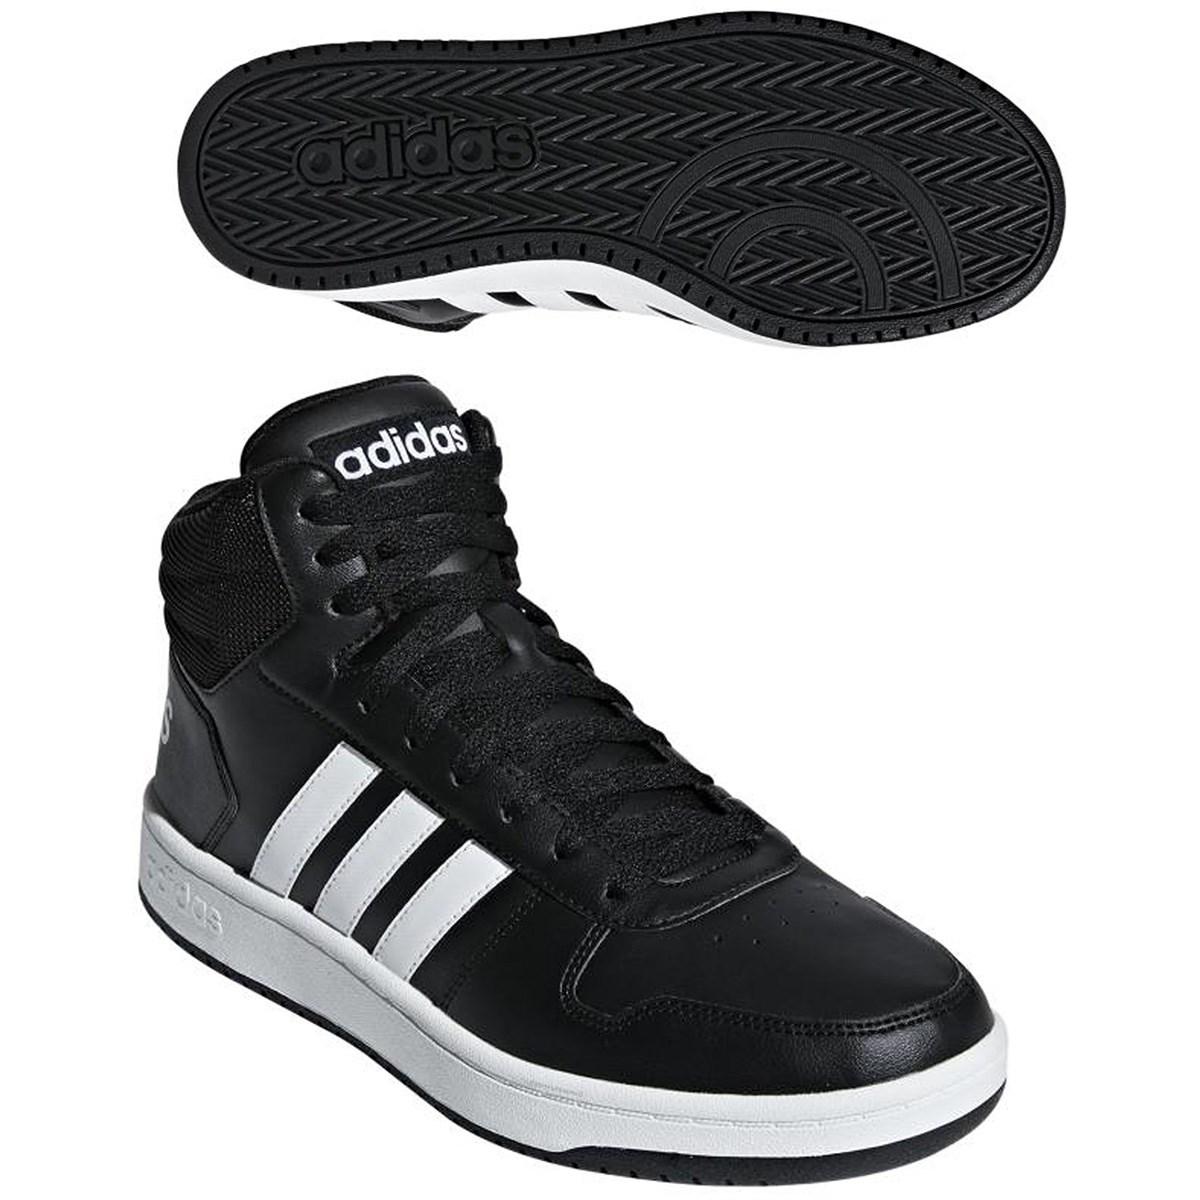 アディダス(adidas) ADIHOOPS MID 2.0 シューズ